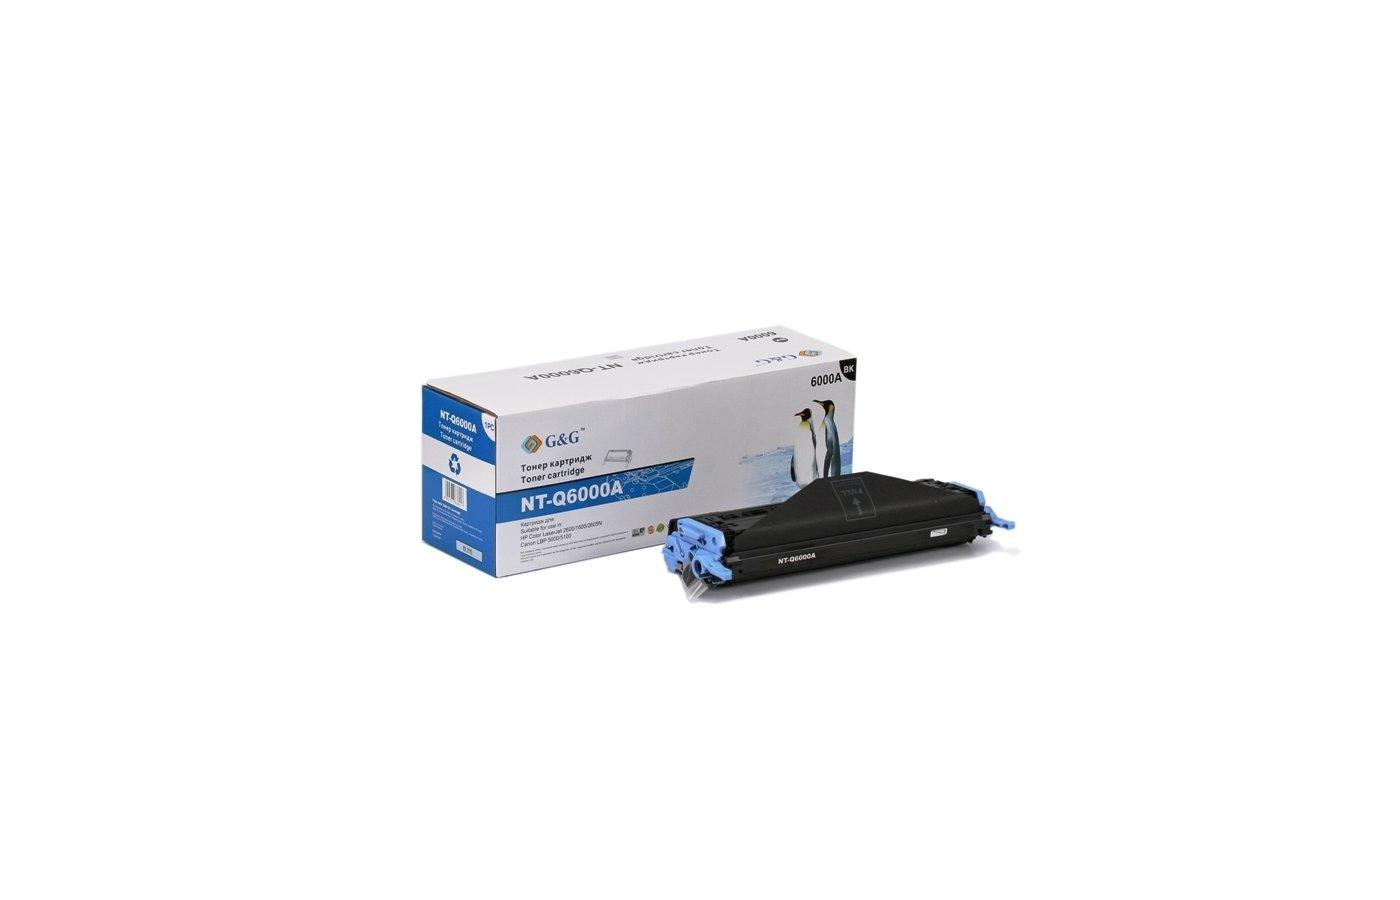 Картридж лазерный GG NT-Q6000A Совместимый черный для НР Color LJ 1600/2600/2605n Canon LBP-5000/5100 (2500стр)